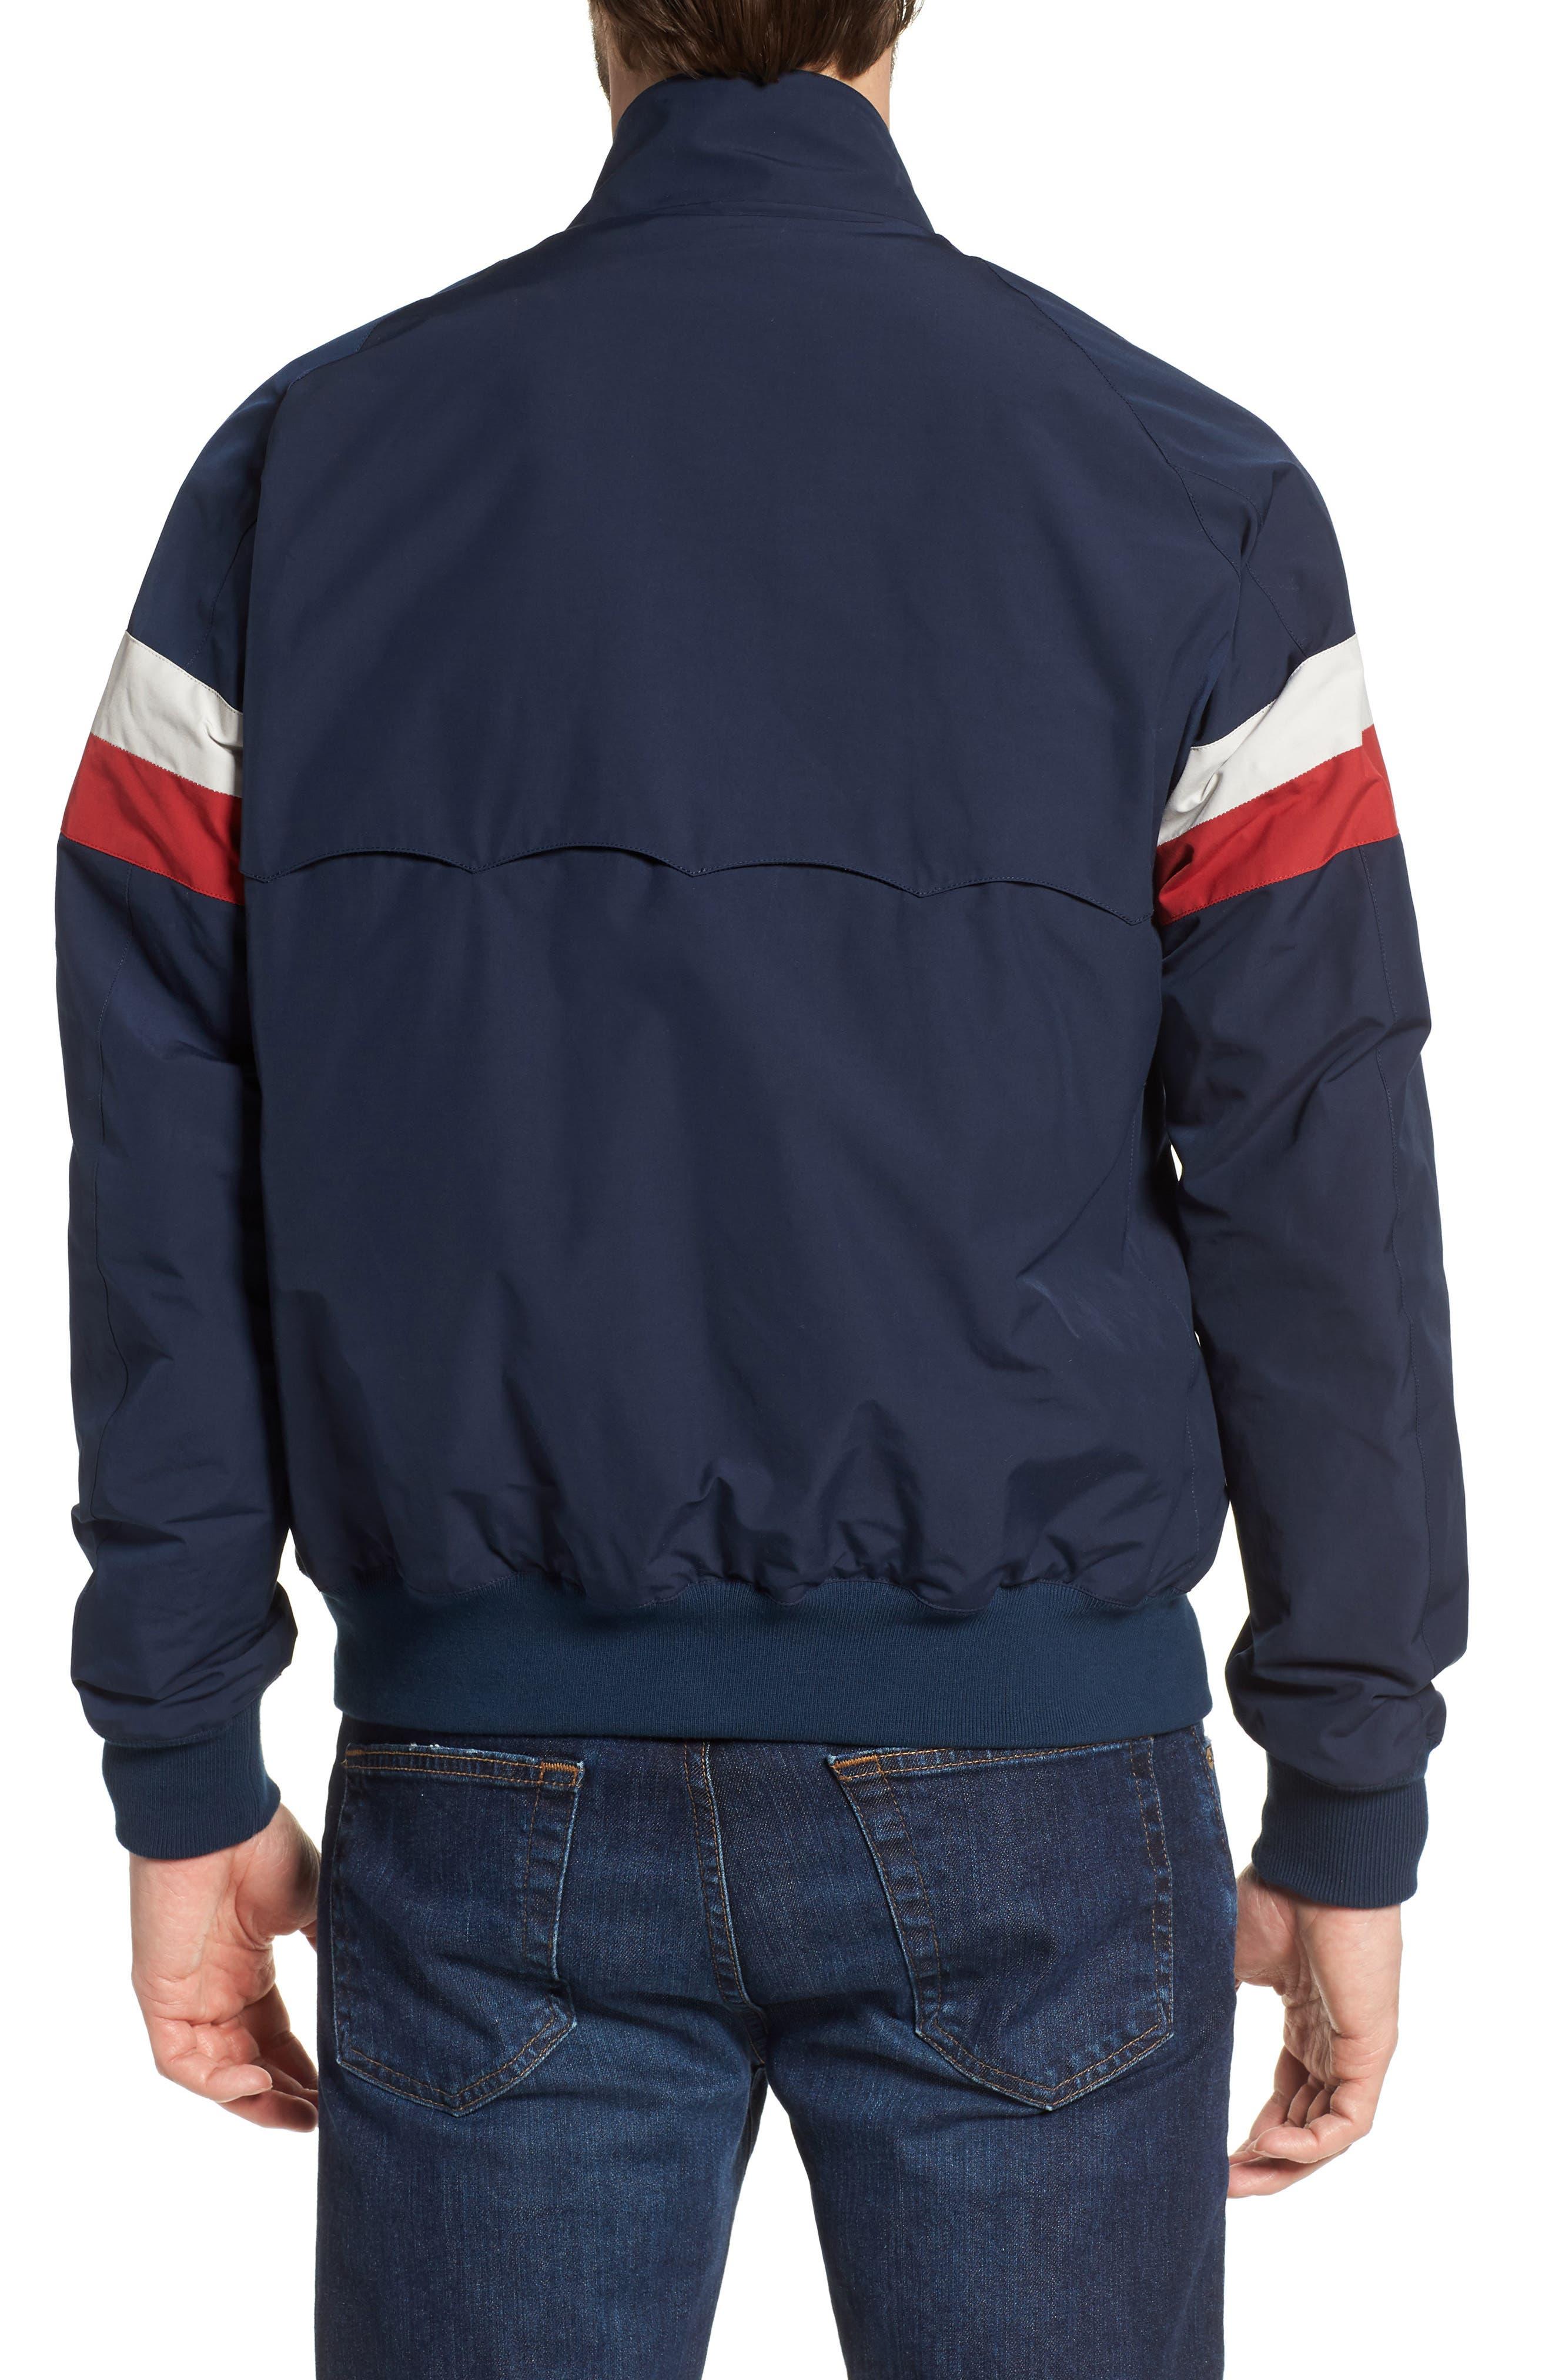 G9 Varsity Jacket,                             Alternate thumbnail 2, color,                             Navy